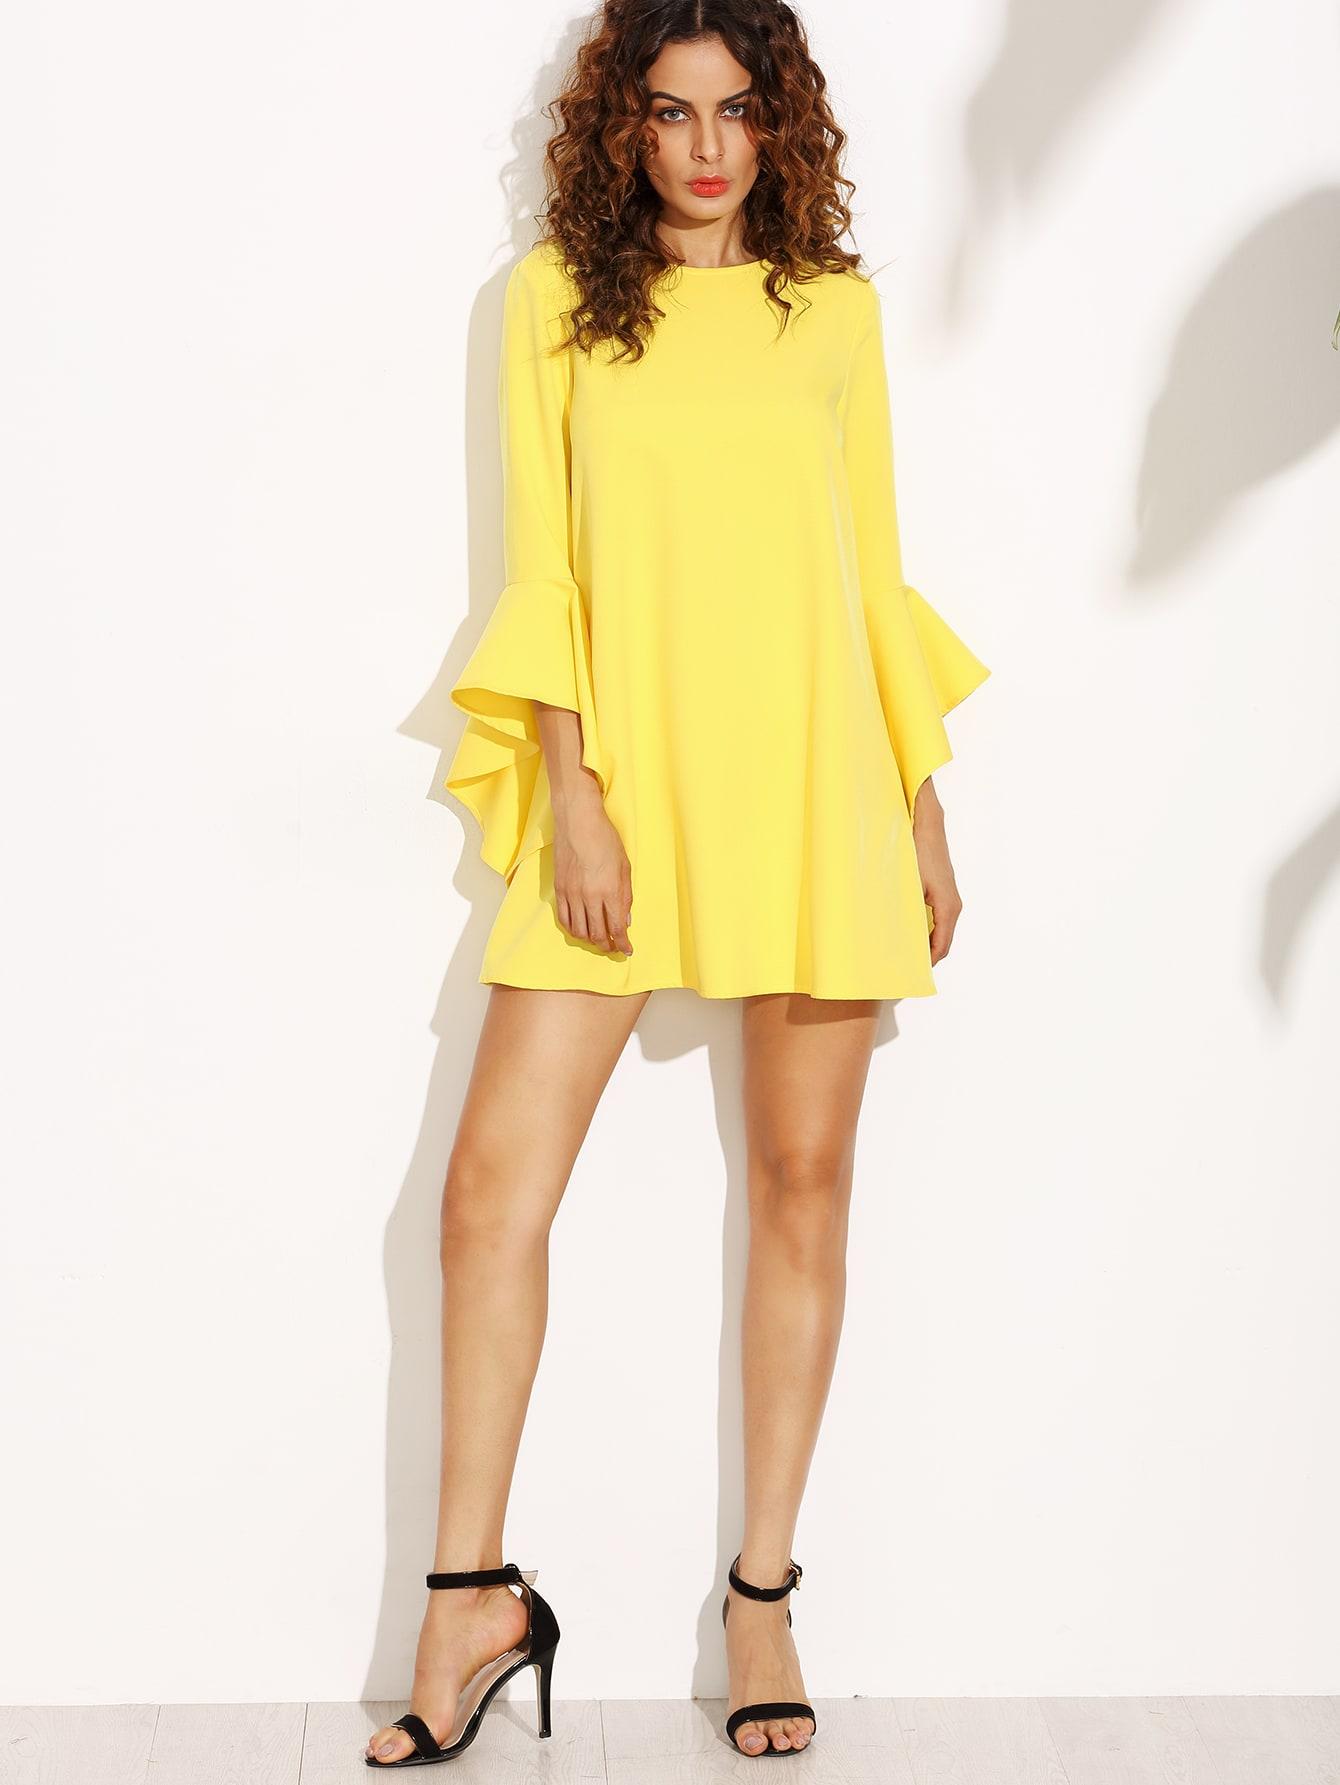 dress160805711_3